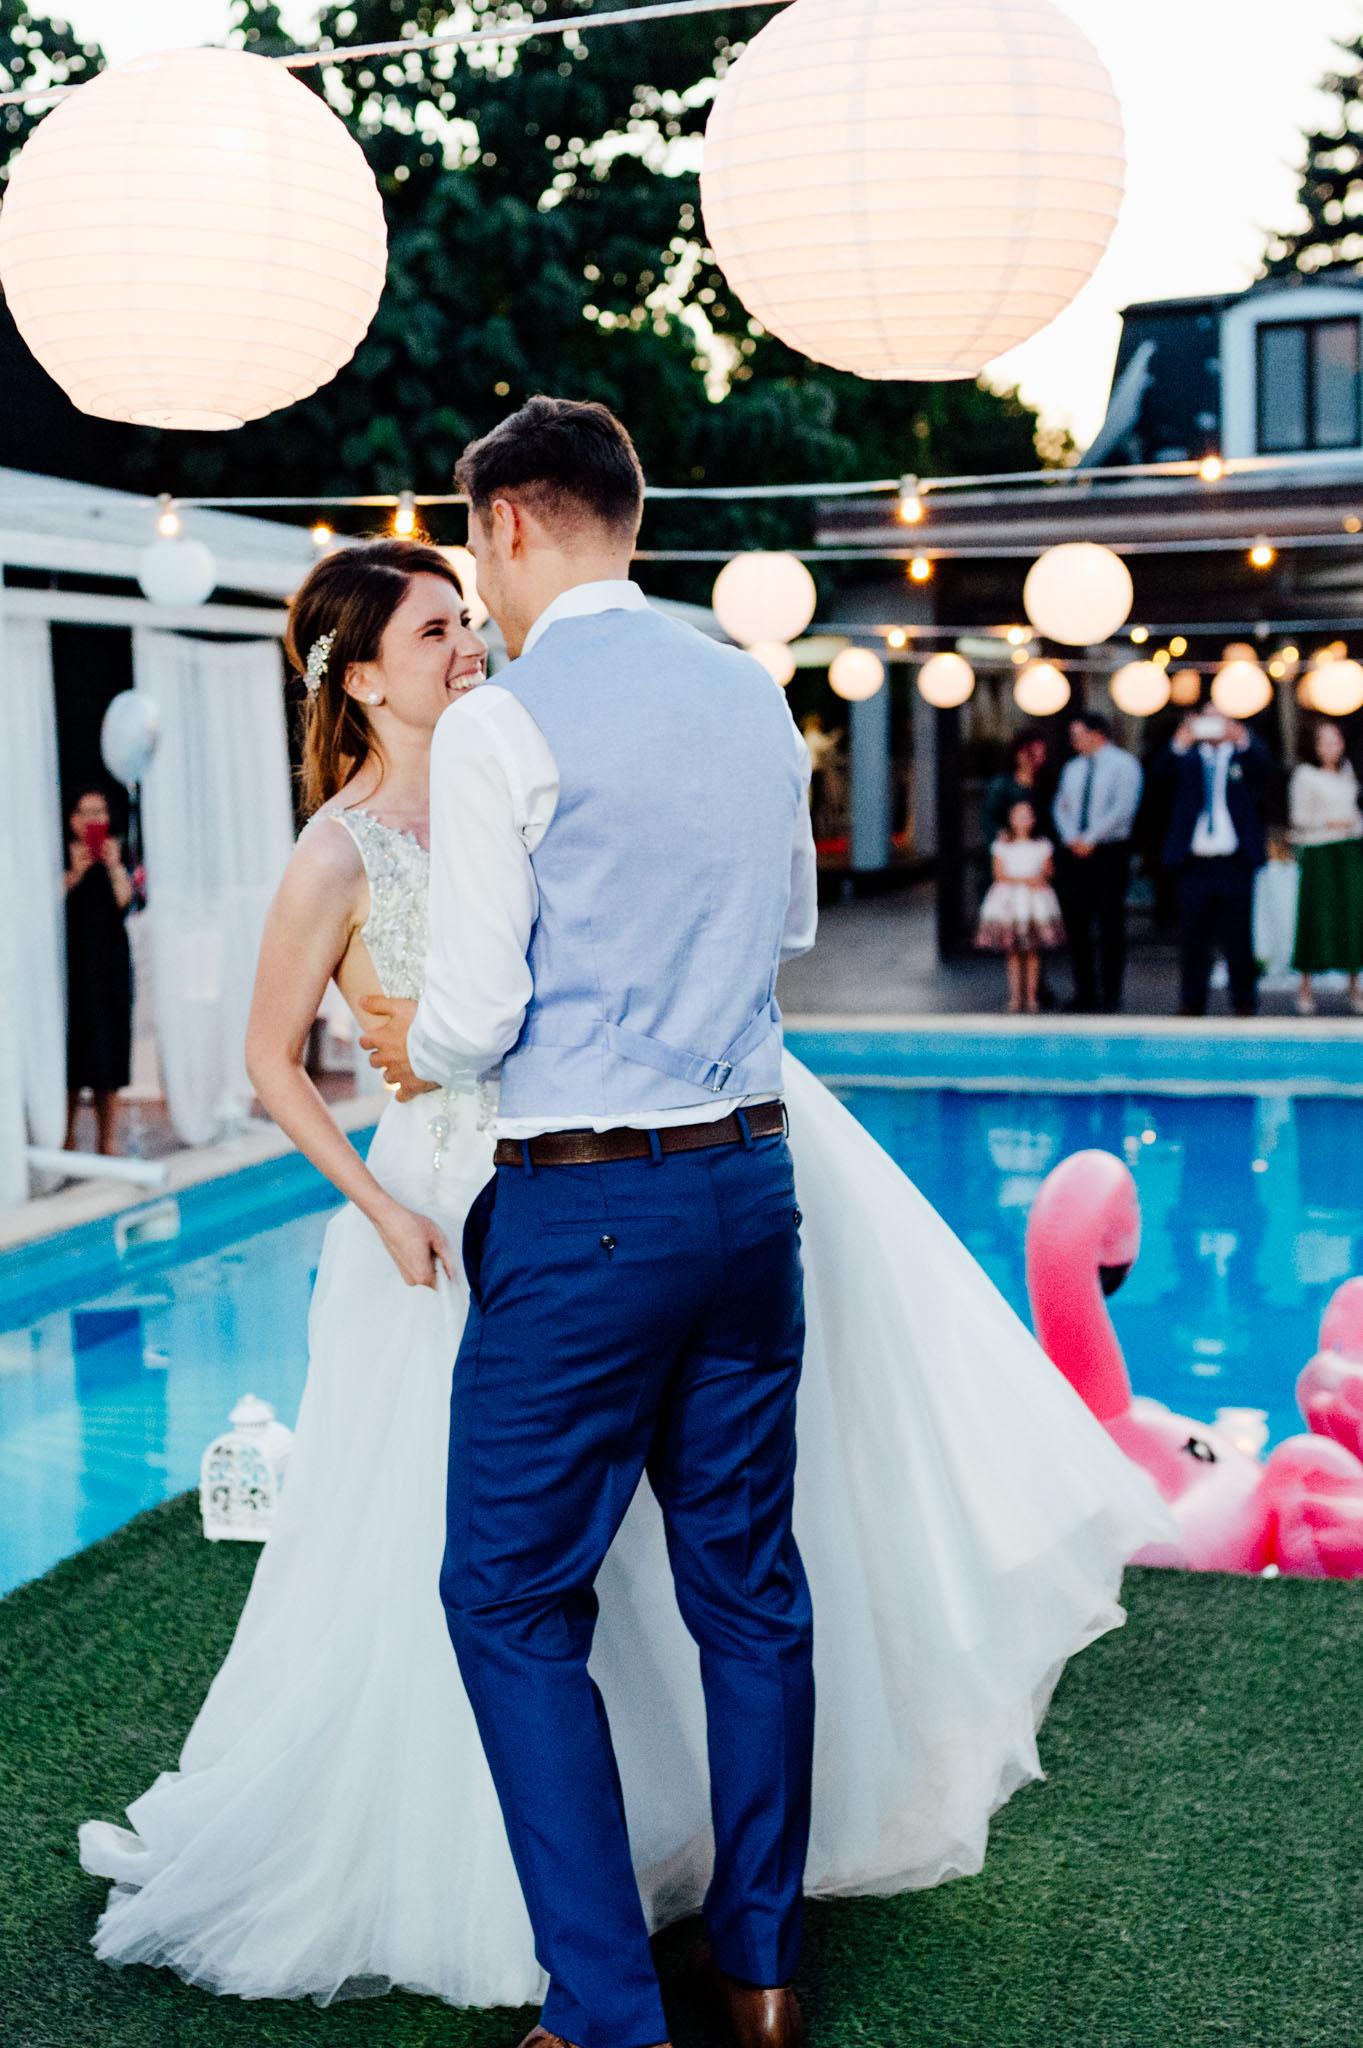 Fotografie de nunta fotograf Dana Sacalov Bucuresti la Conac